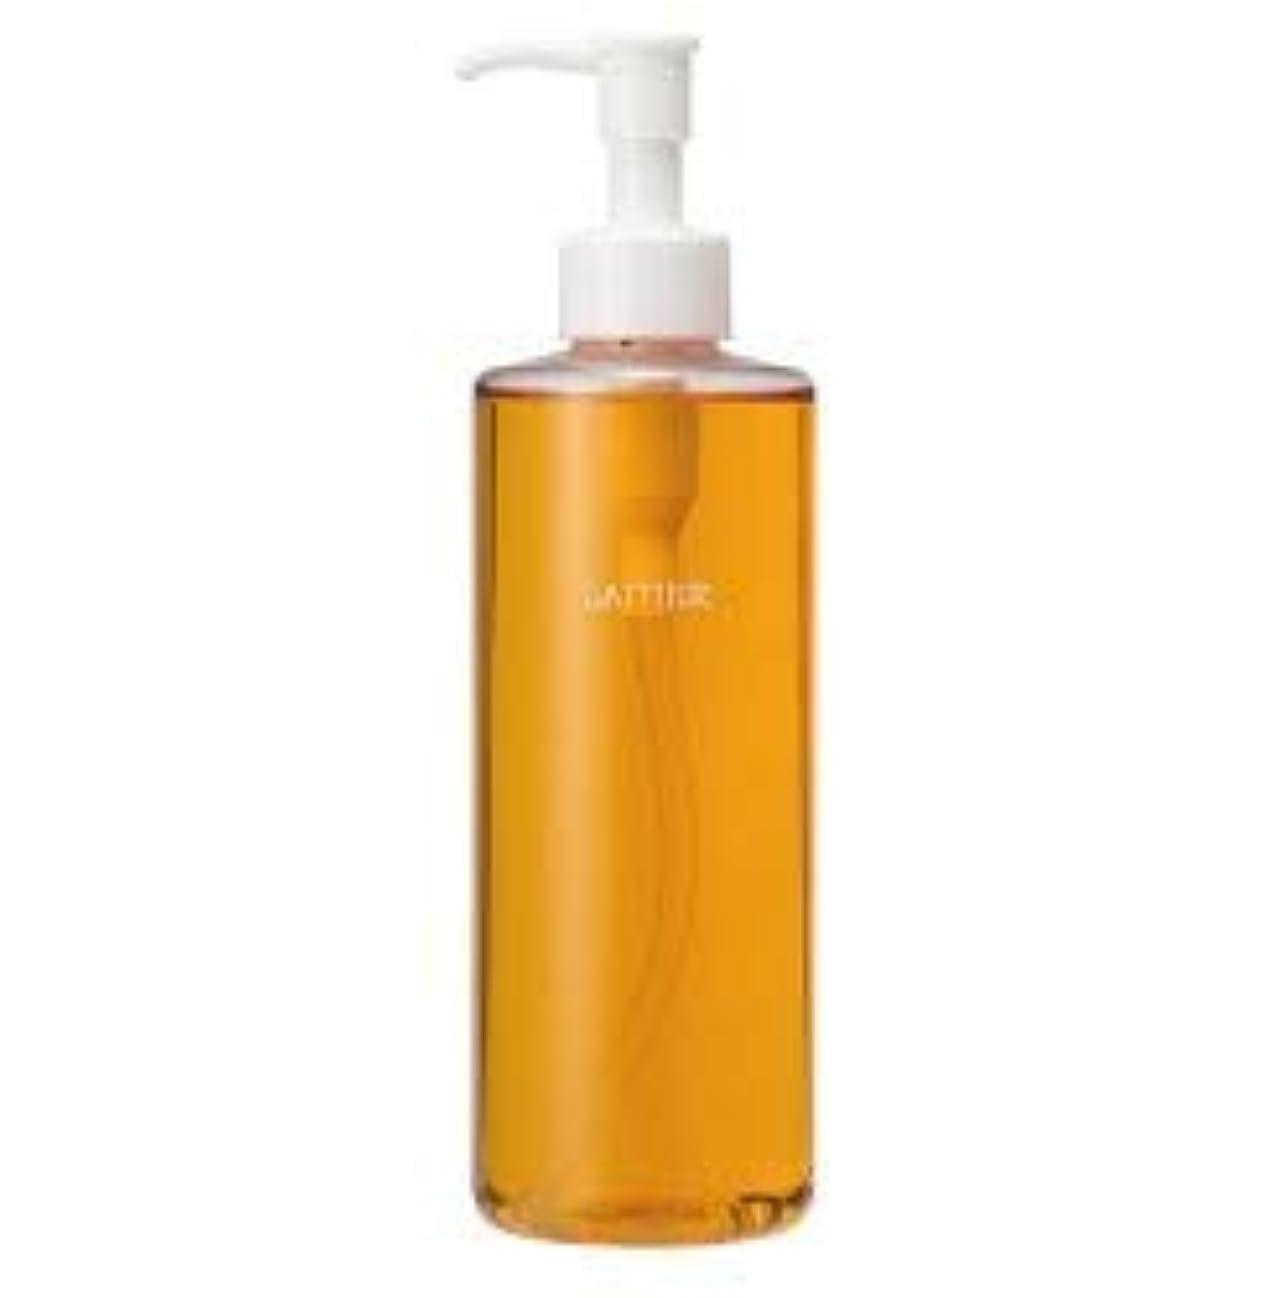 個人リール有害アロエエキスの整肌効果で、透明感のある肌へとみちびきます。LAITIER レチエ スキンローションA 300ml 化粧品 メイク 化粧水 肌 綺麗